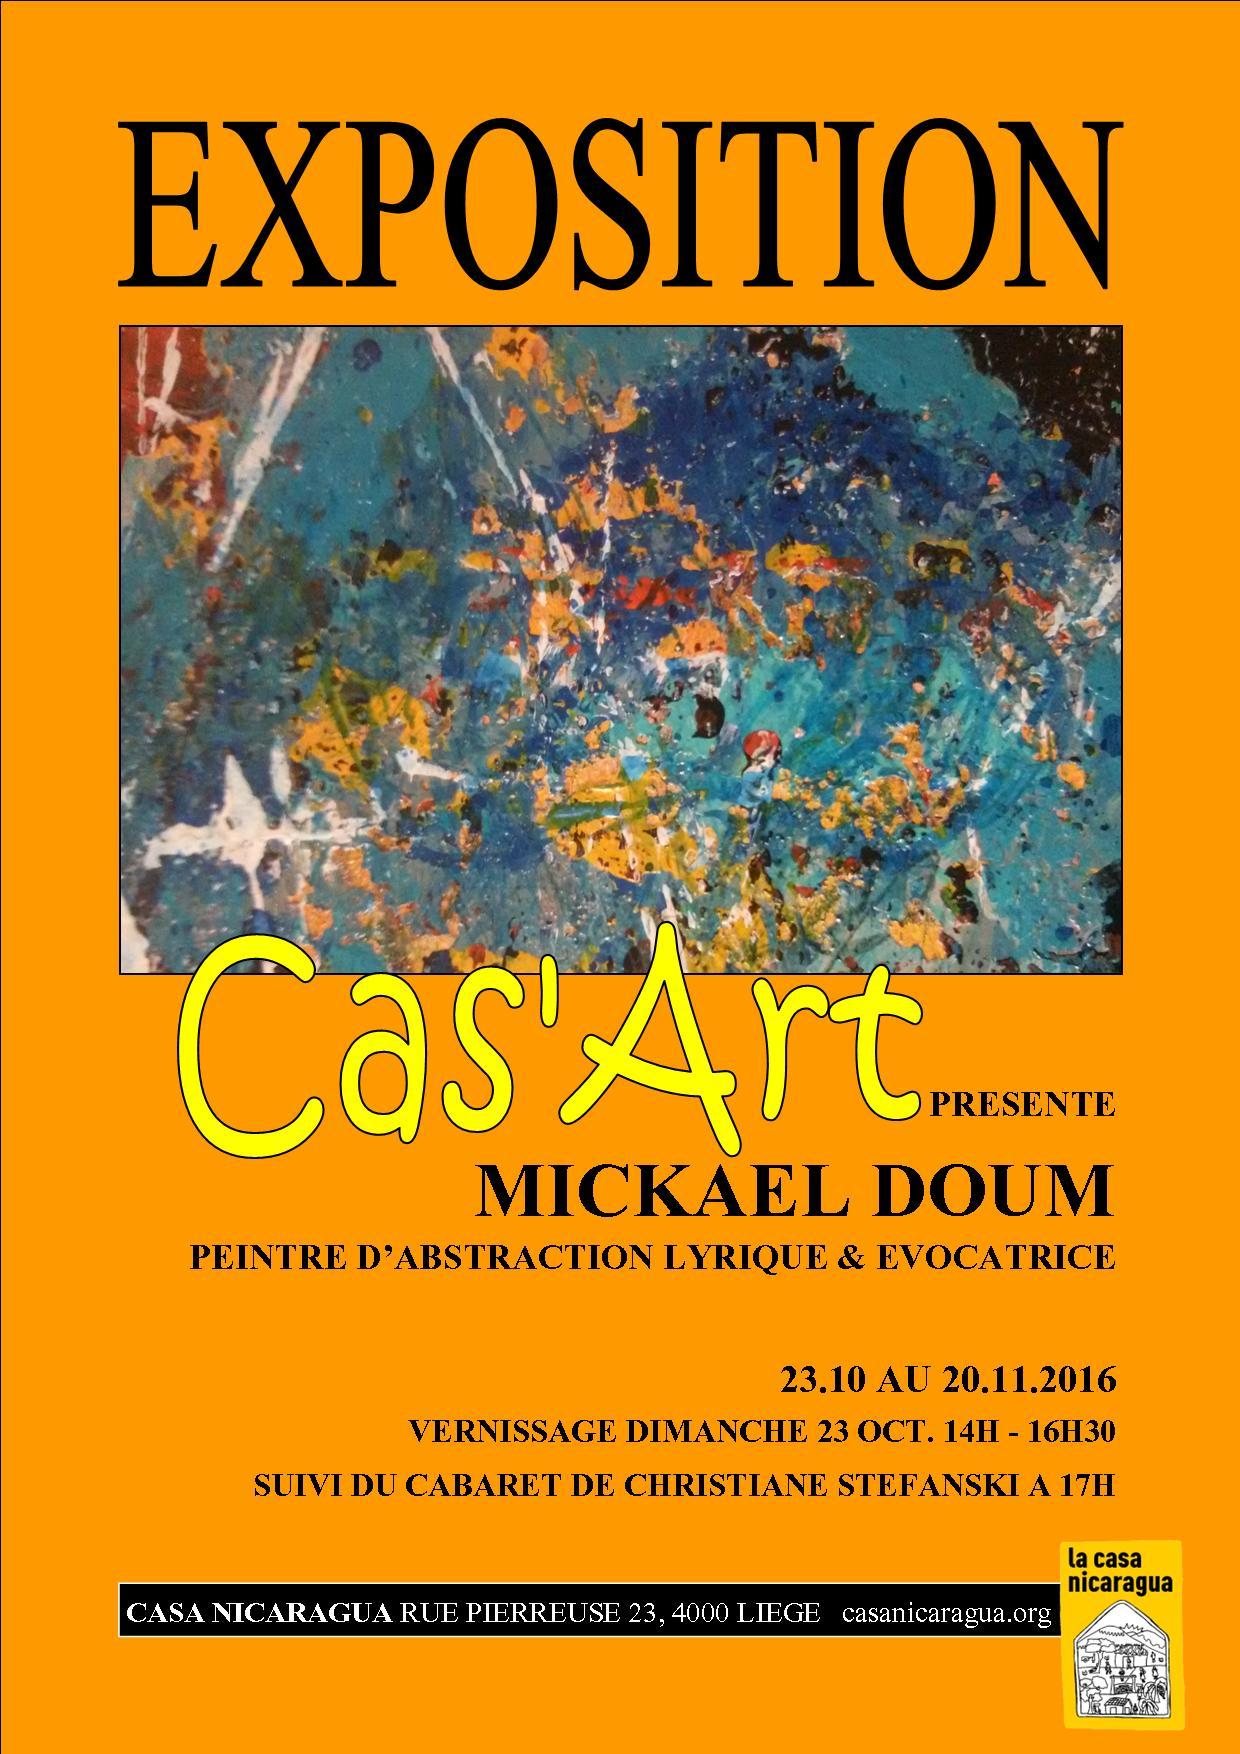 Dim. 23/10: Vernissage Cas'Art, expo de Mickael Doum